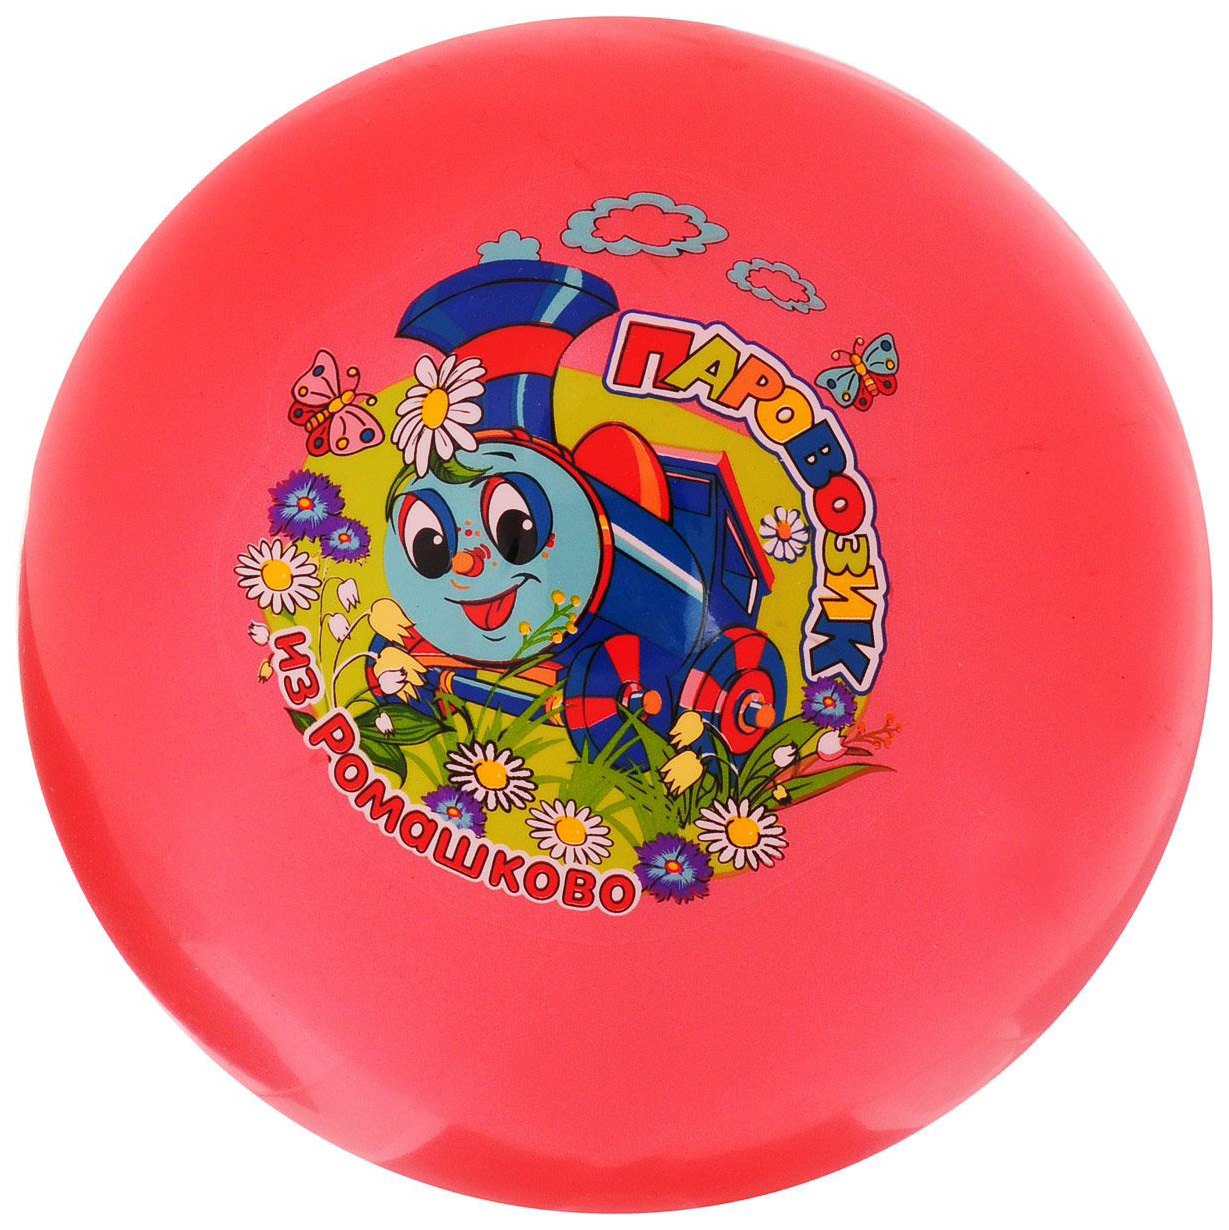 Купить Мячик детский Играем Вместе Паровозик из Ромашково 23 см, Детские мячи